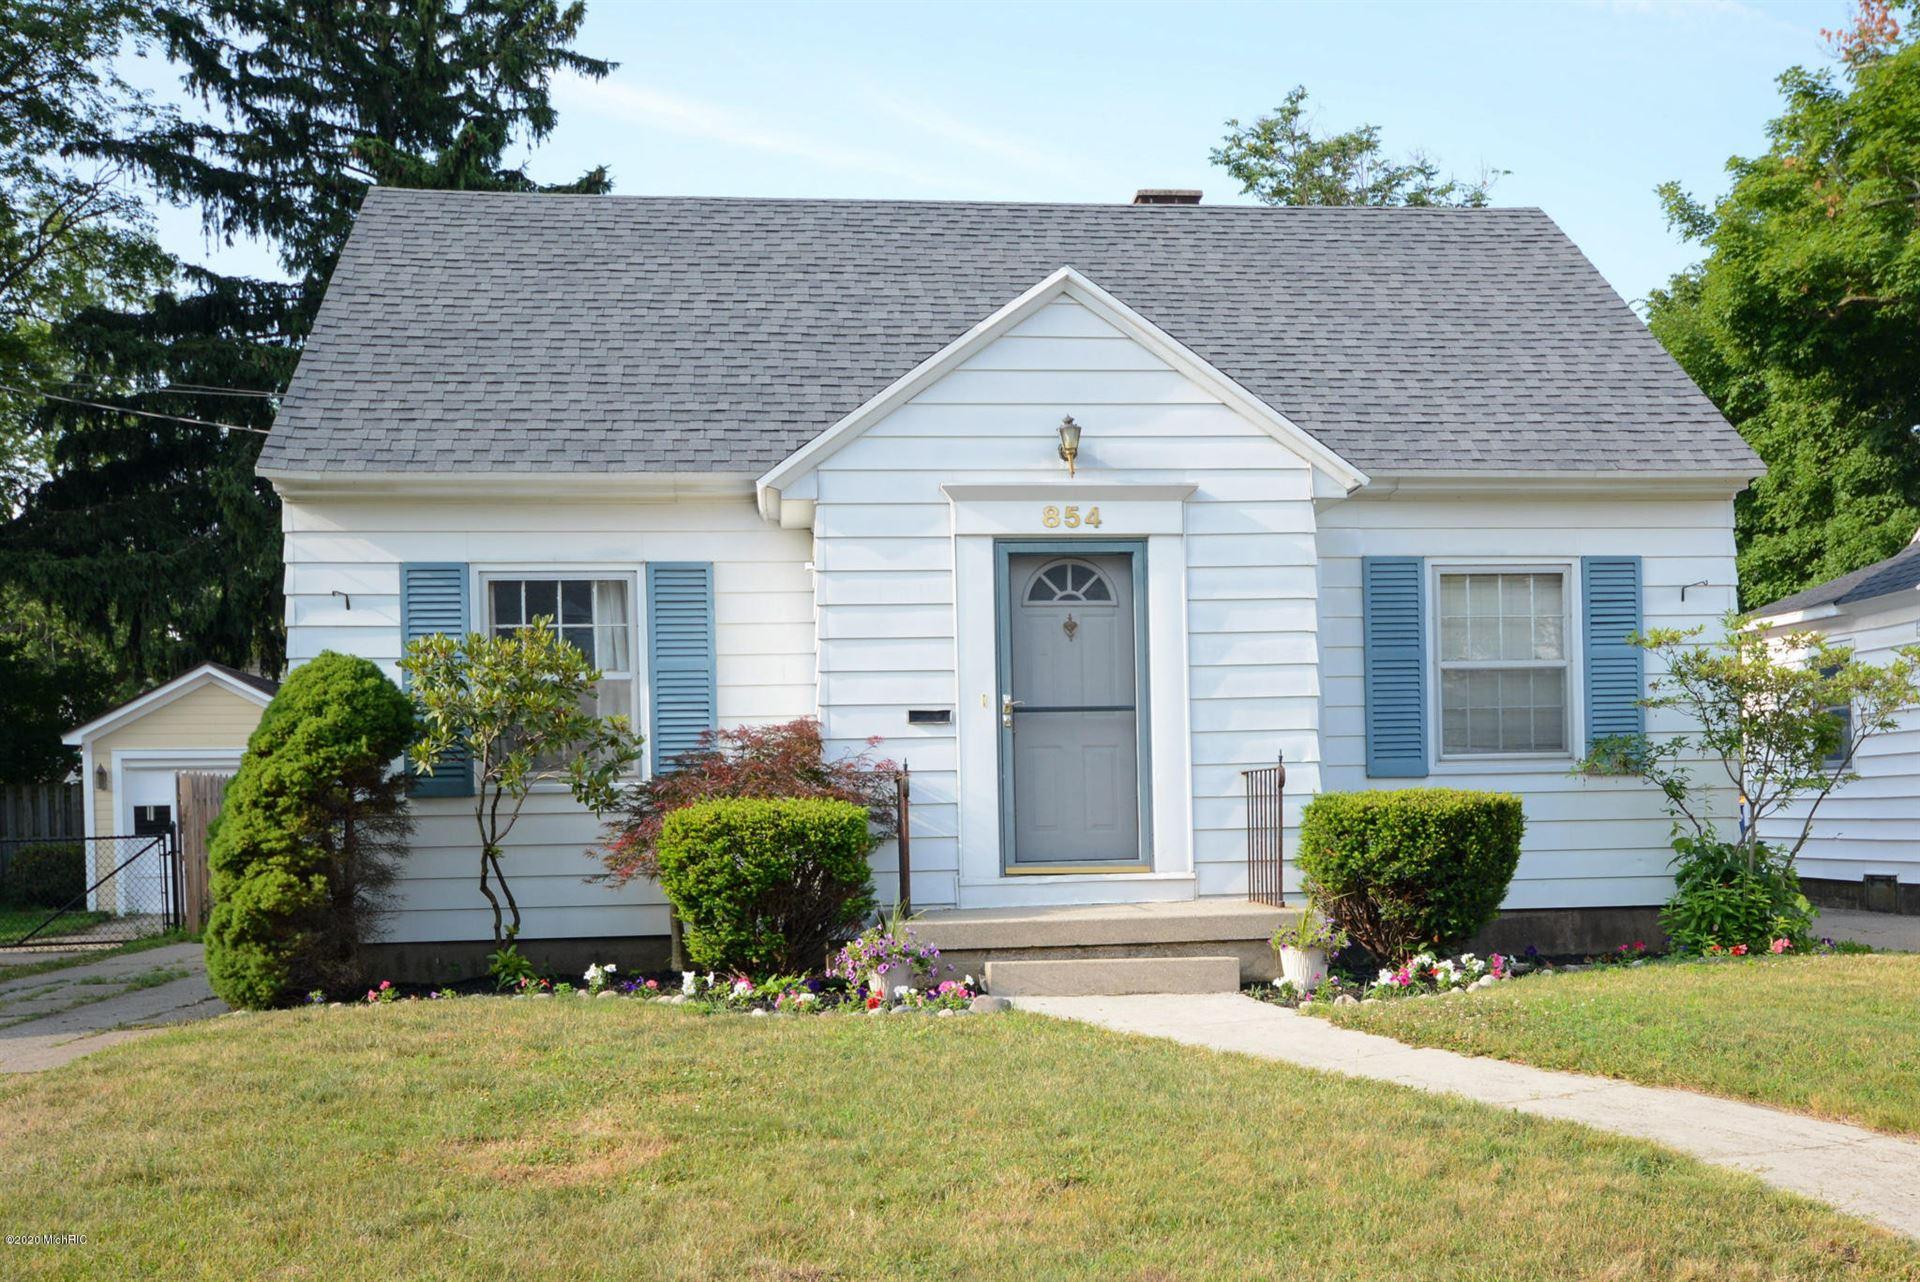 854 Merrifield Street SE, Grand Rapids, MI 49507 - #: 20026455